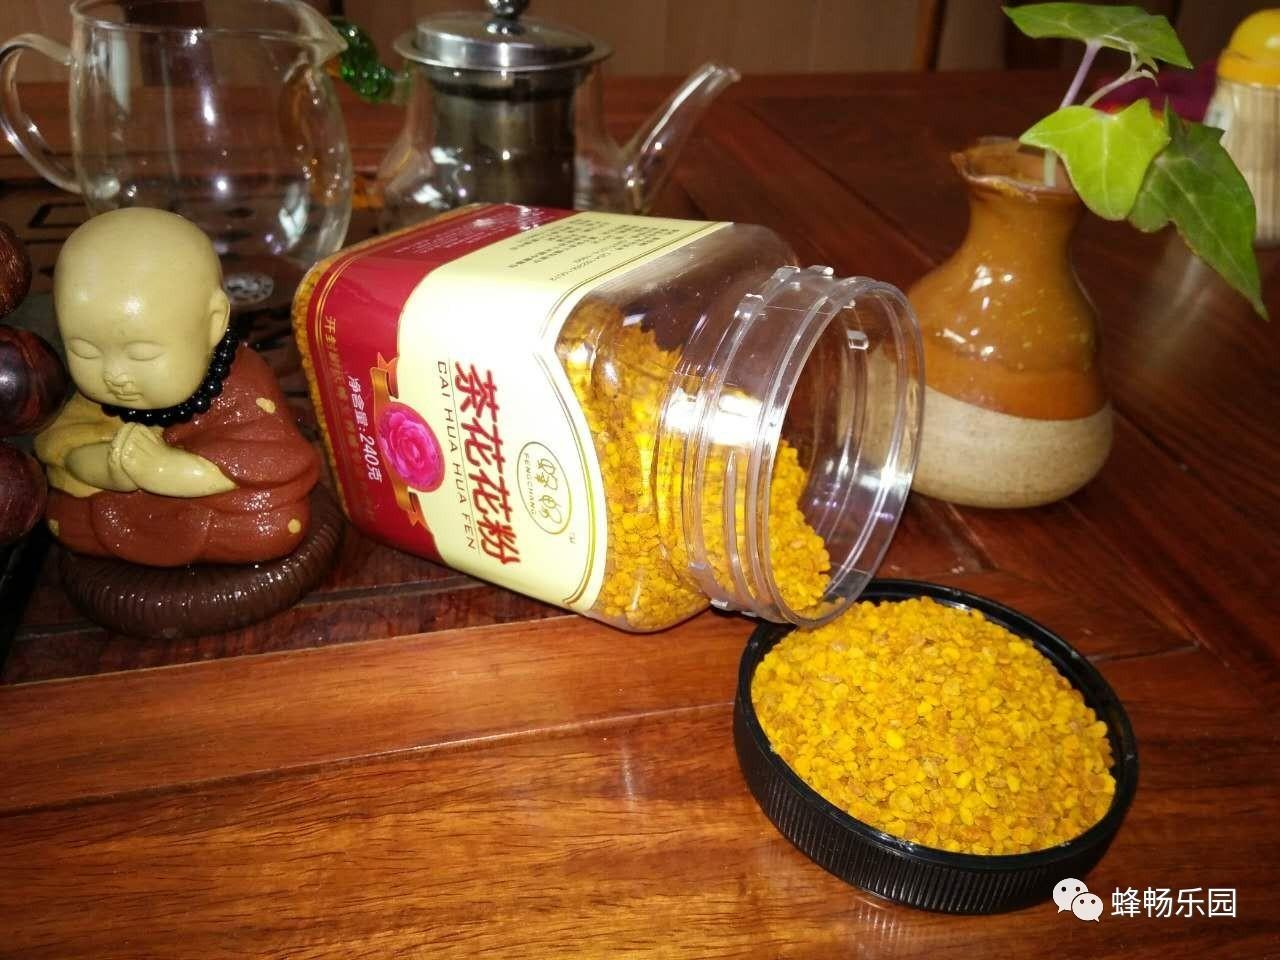 尼勒克黑蜂蜂蜜 蜜纽康蜂蜜 牛奶蜂蜜面膜 怎么用蜂蜜做面膜 牛奶能加蜂蜜吗